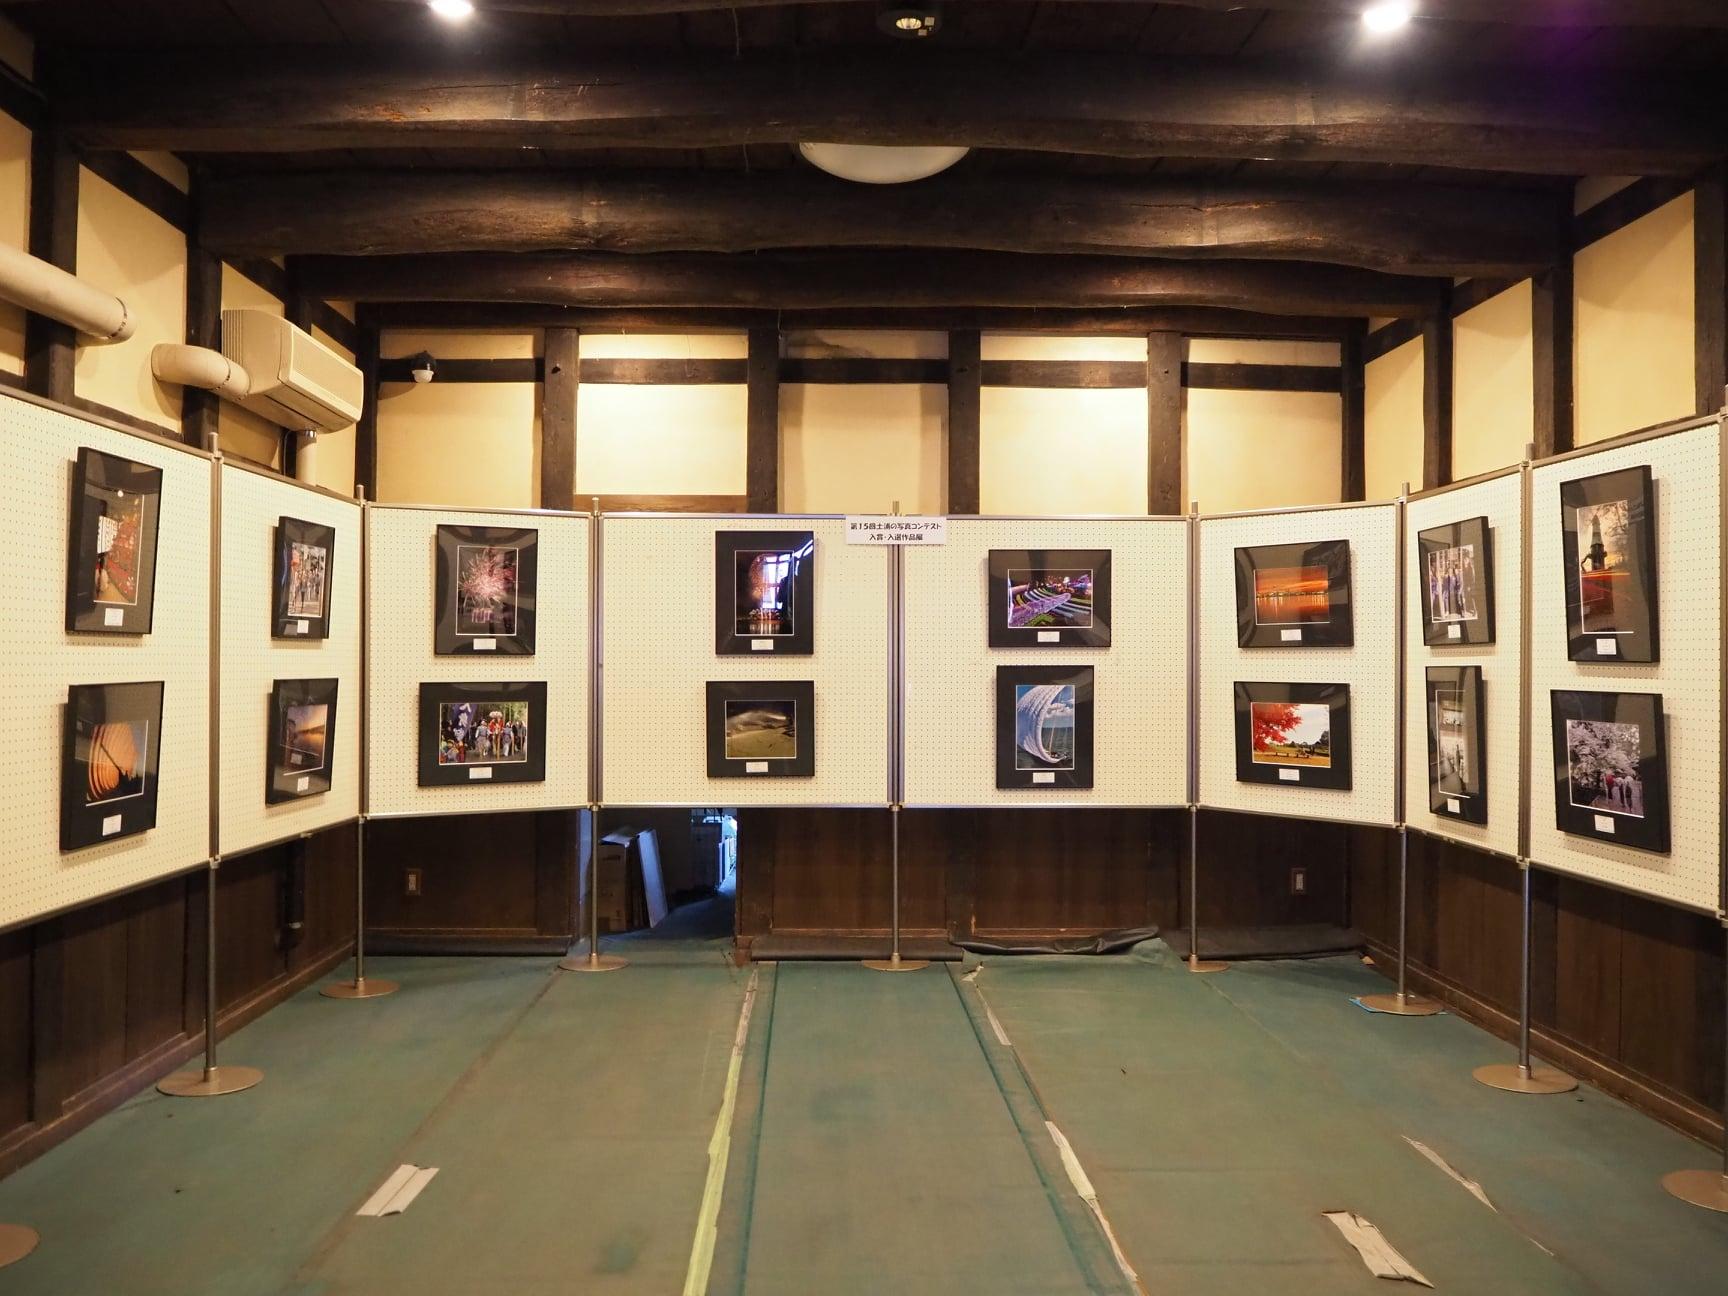 第15回 土浦の写真コンテスト入賞・入選作品展page-visual 第15回 土浦の写真コンテスト入賞・入選作品展ビジュアル